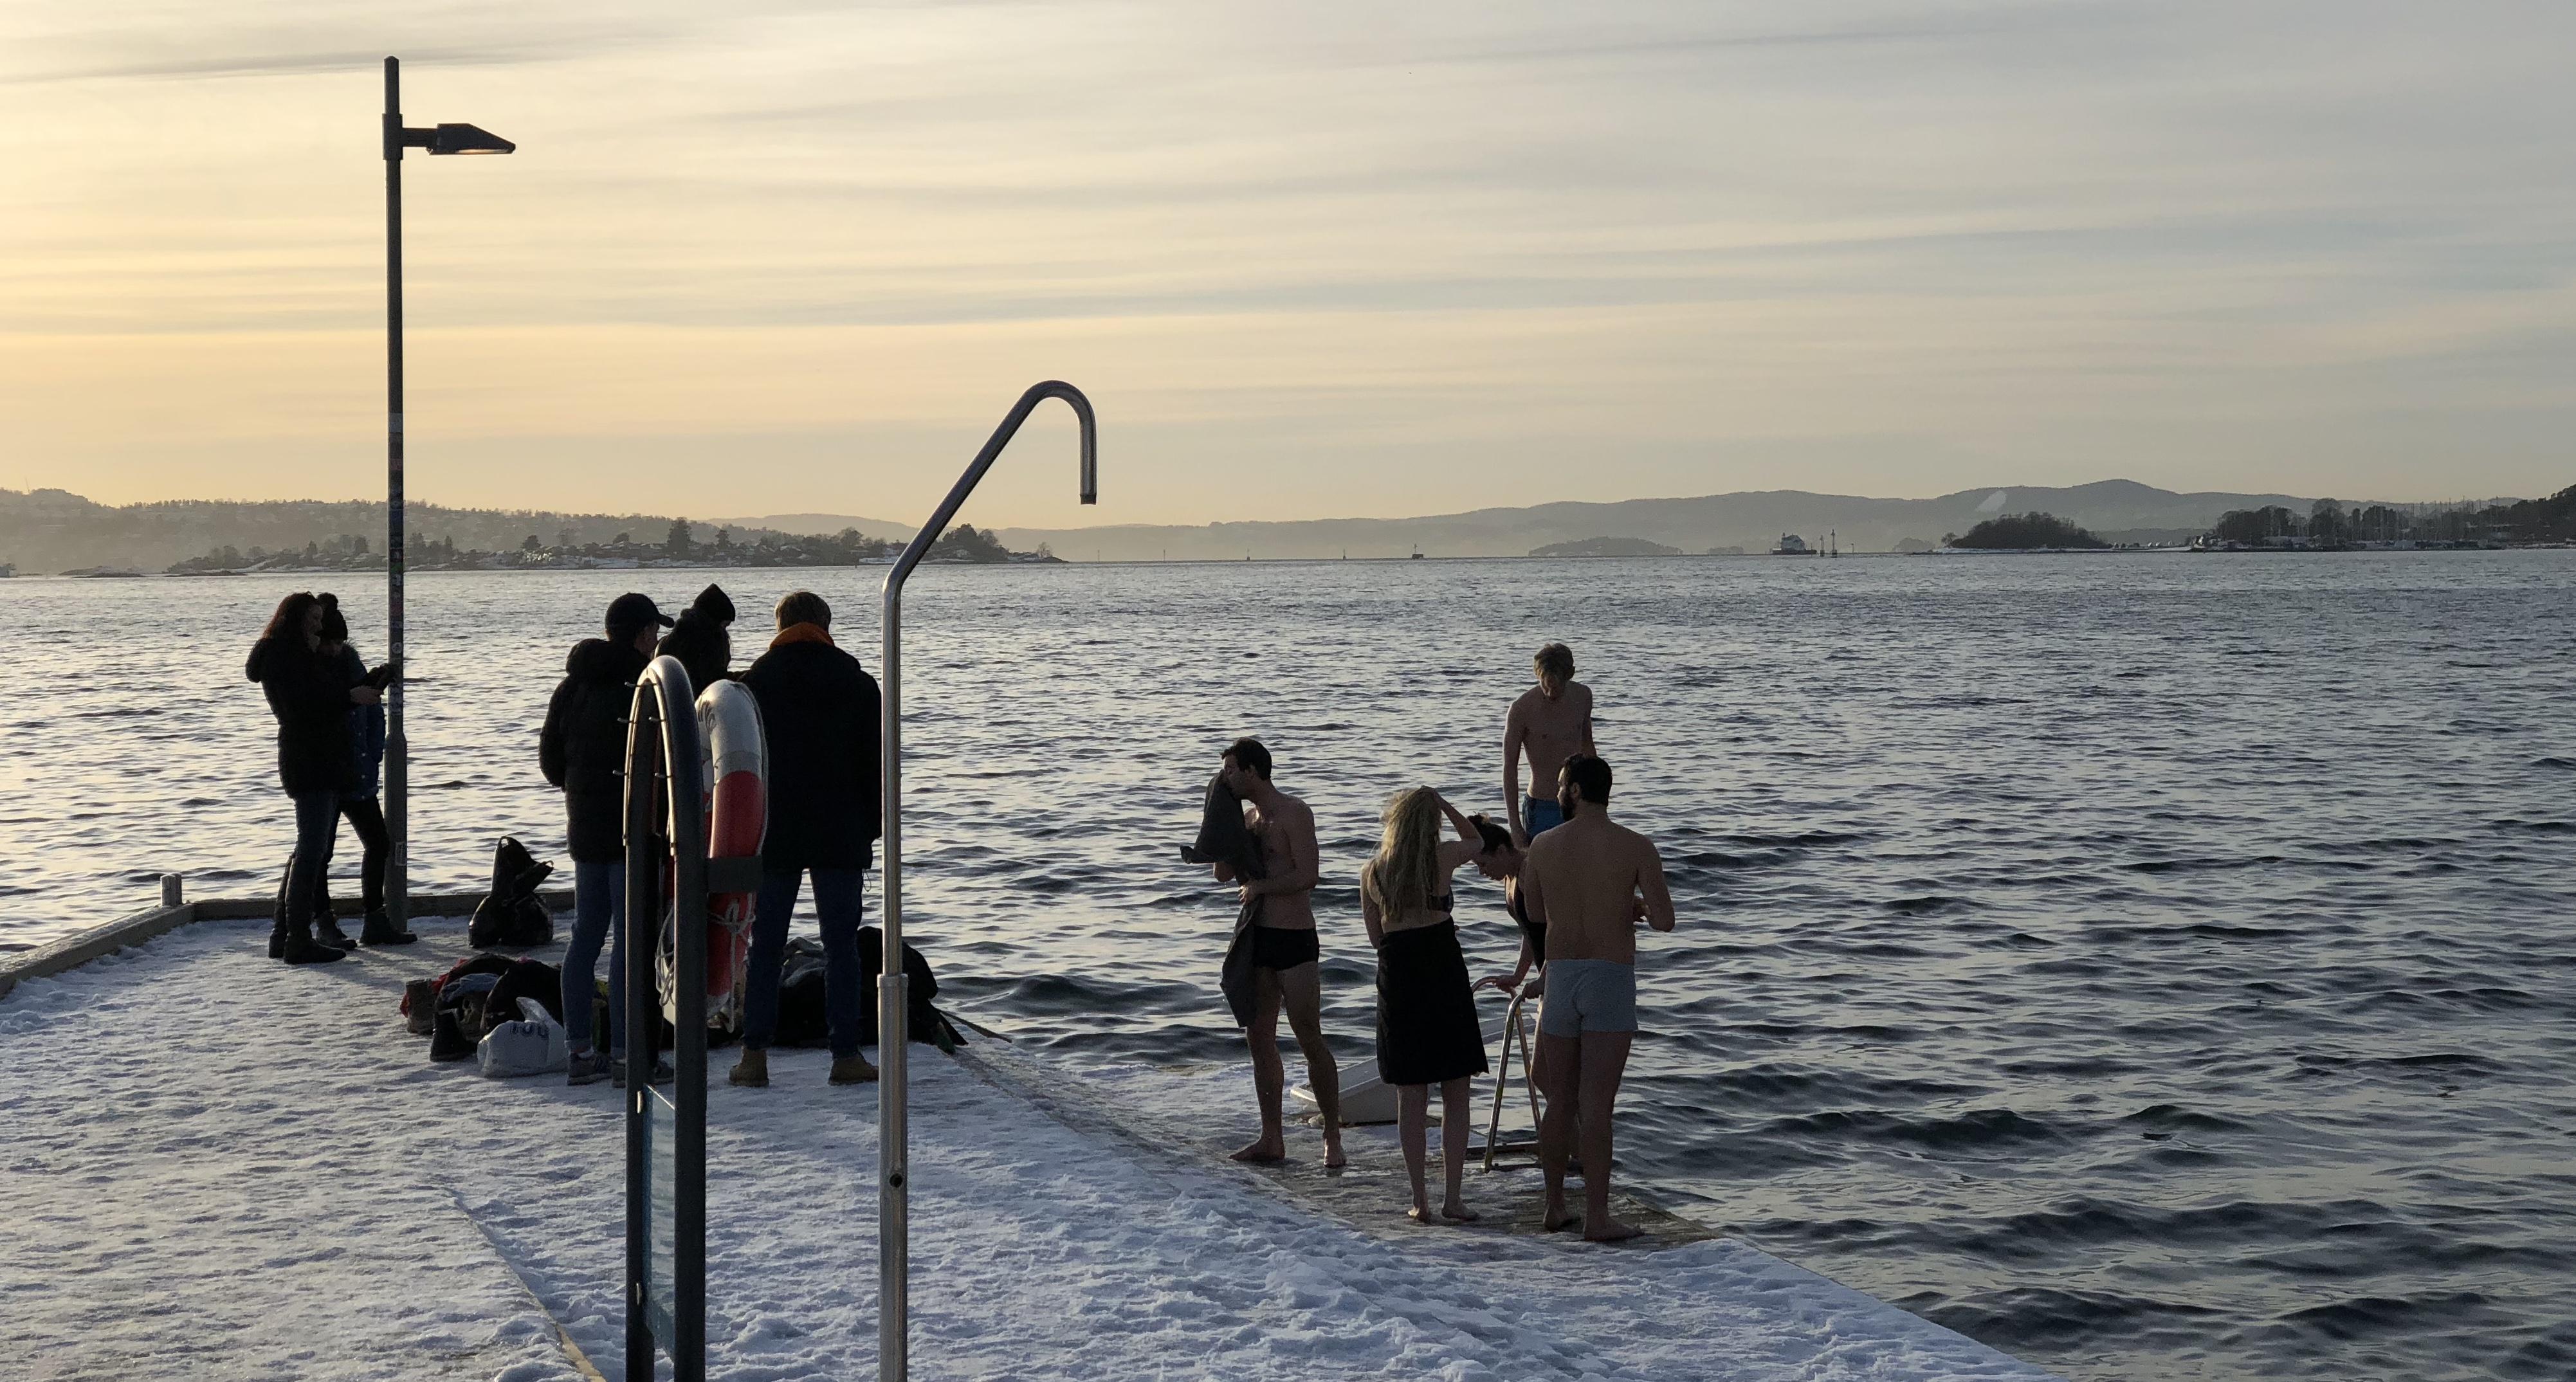 Winter swimming in Oslo fjord.